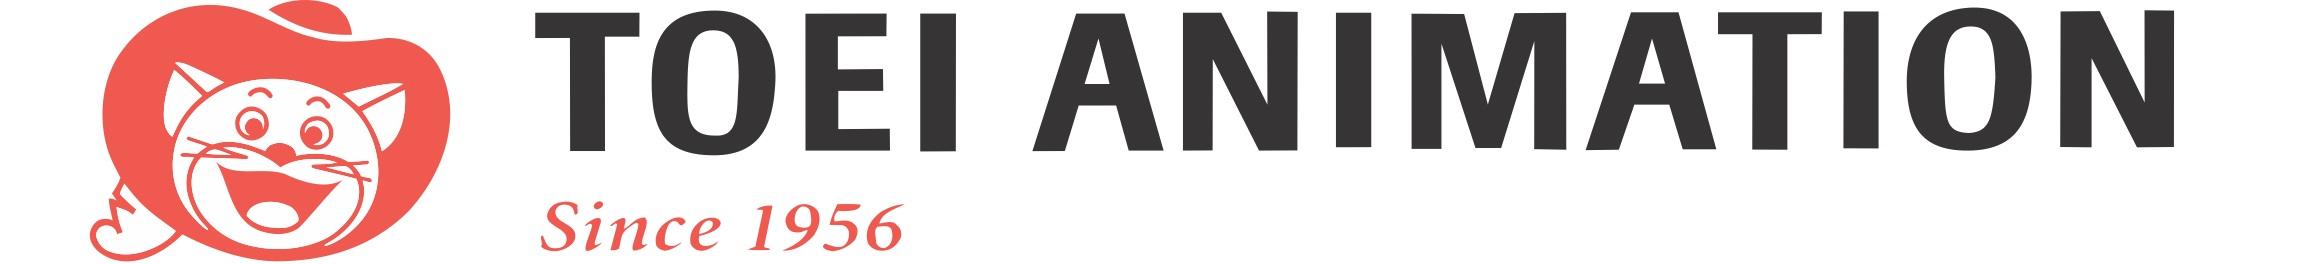 ToeiAnimation-logo_horizontal.png